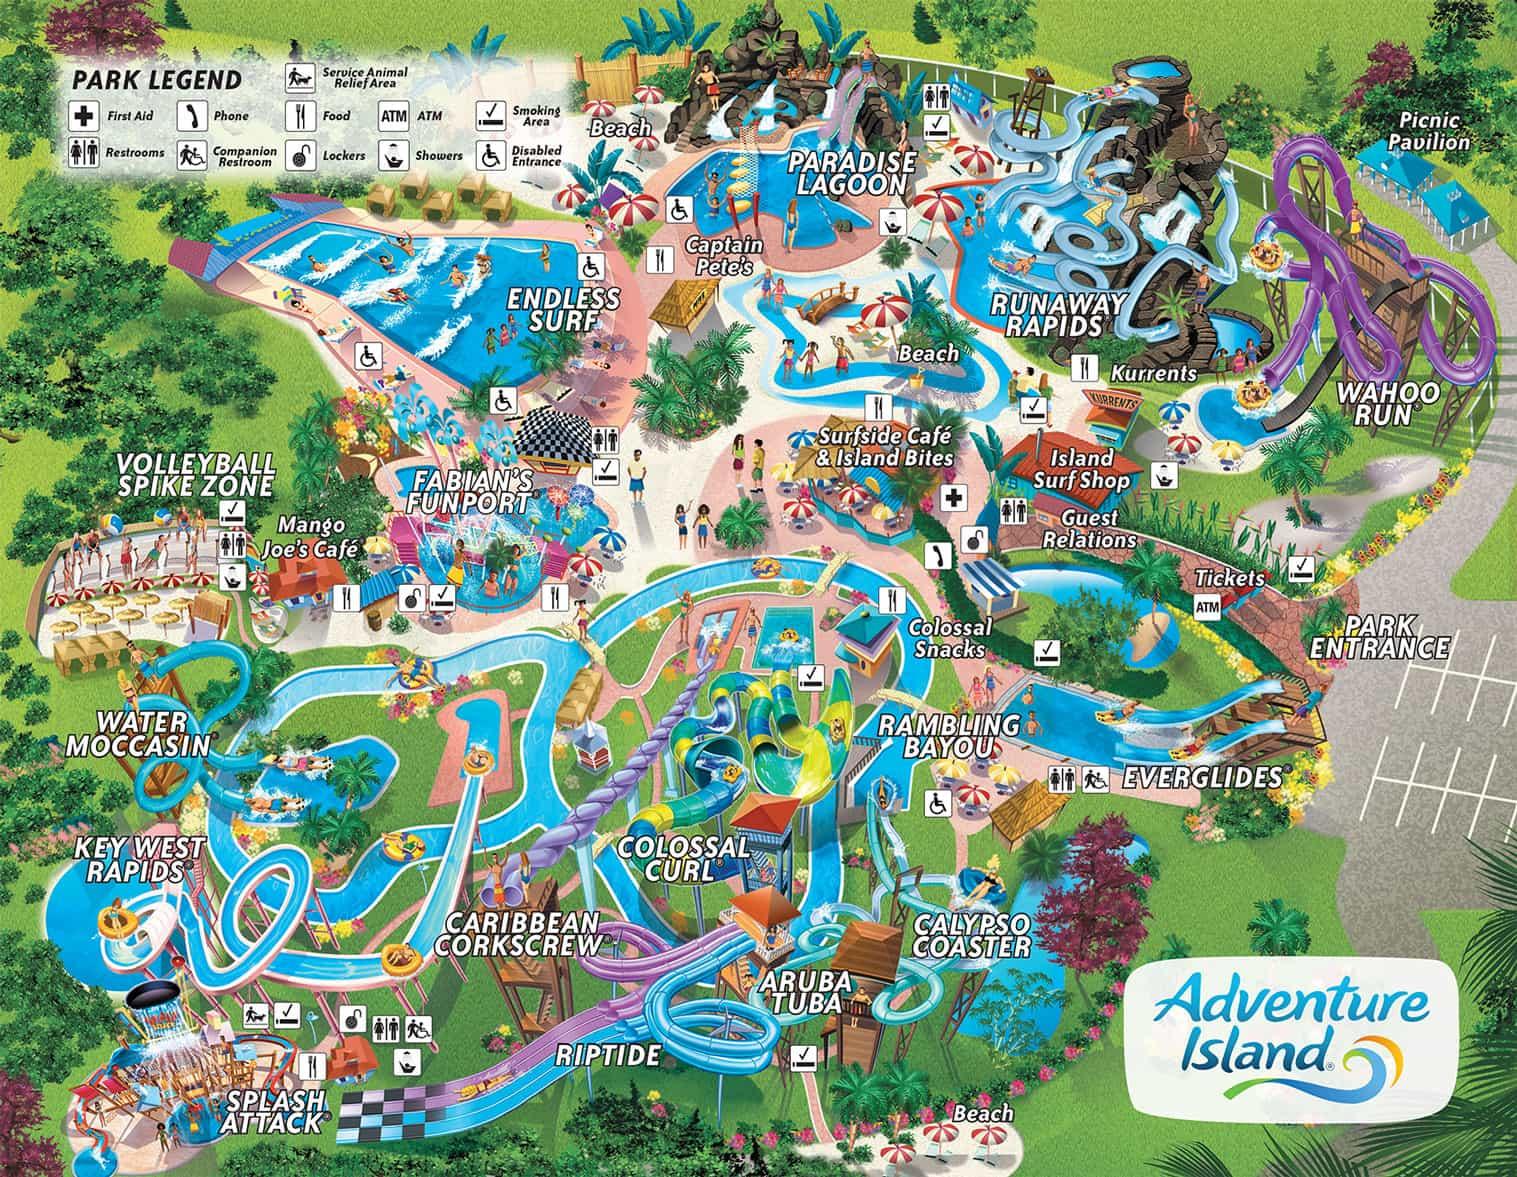 Parque Adventure Island Tampa Orlando Dicas Da Disney E